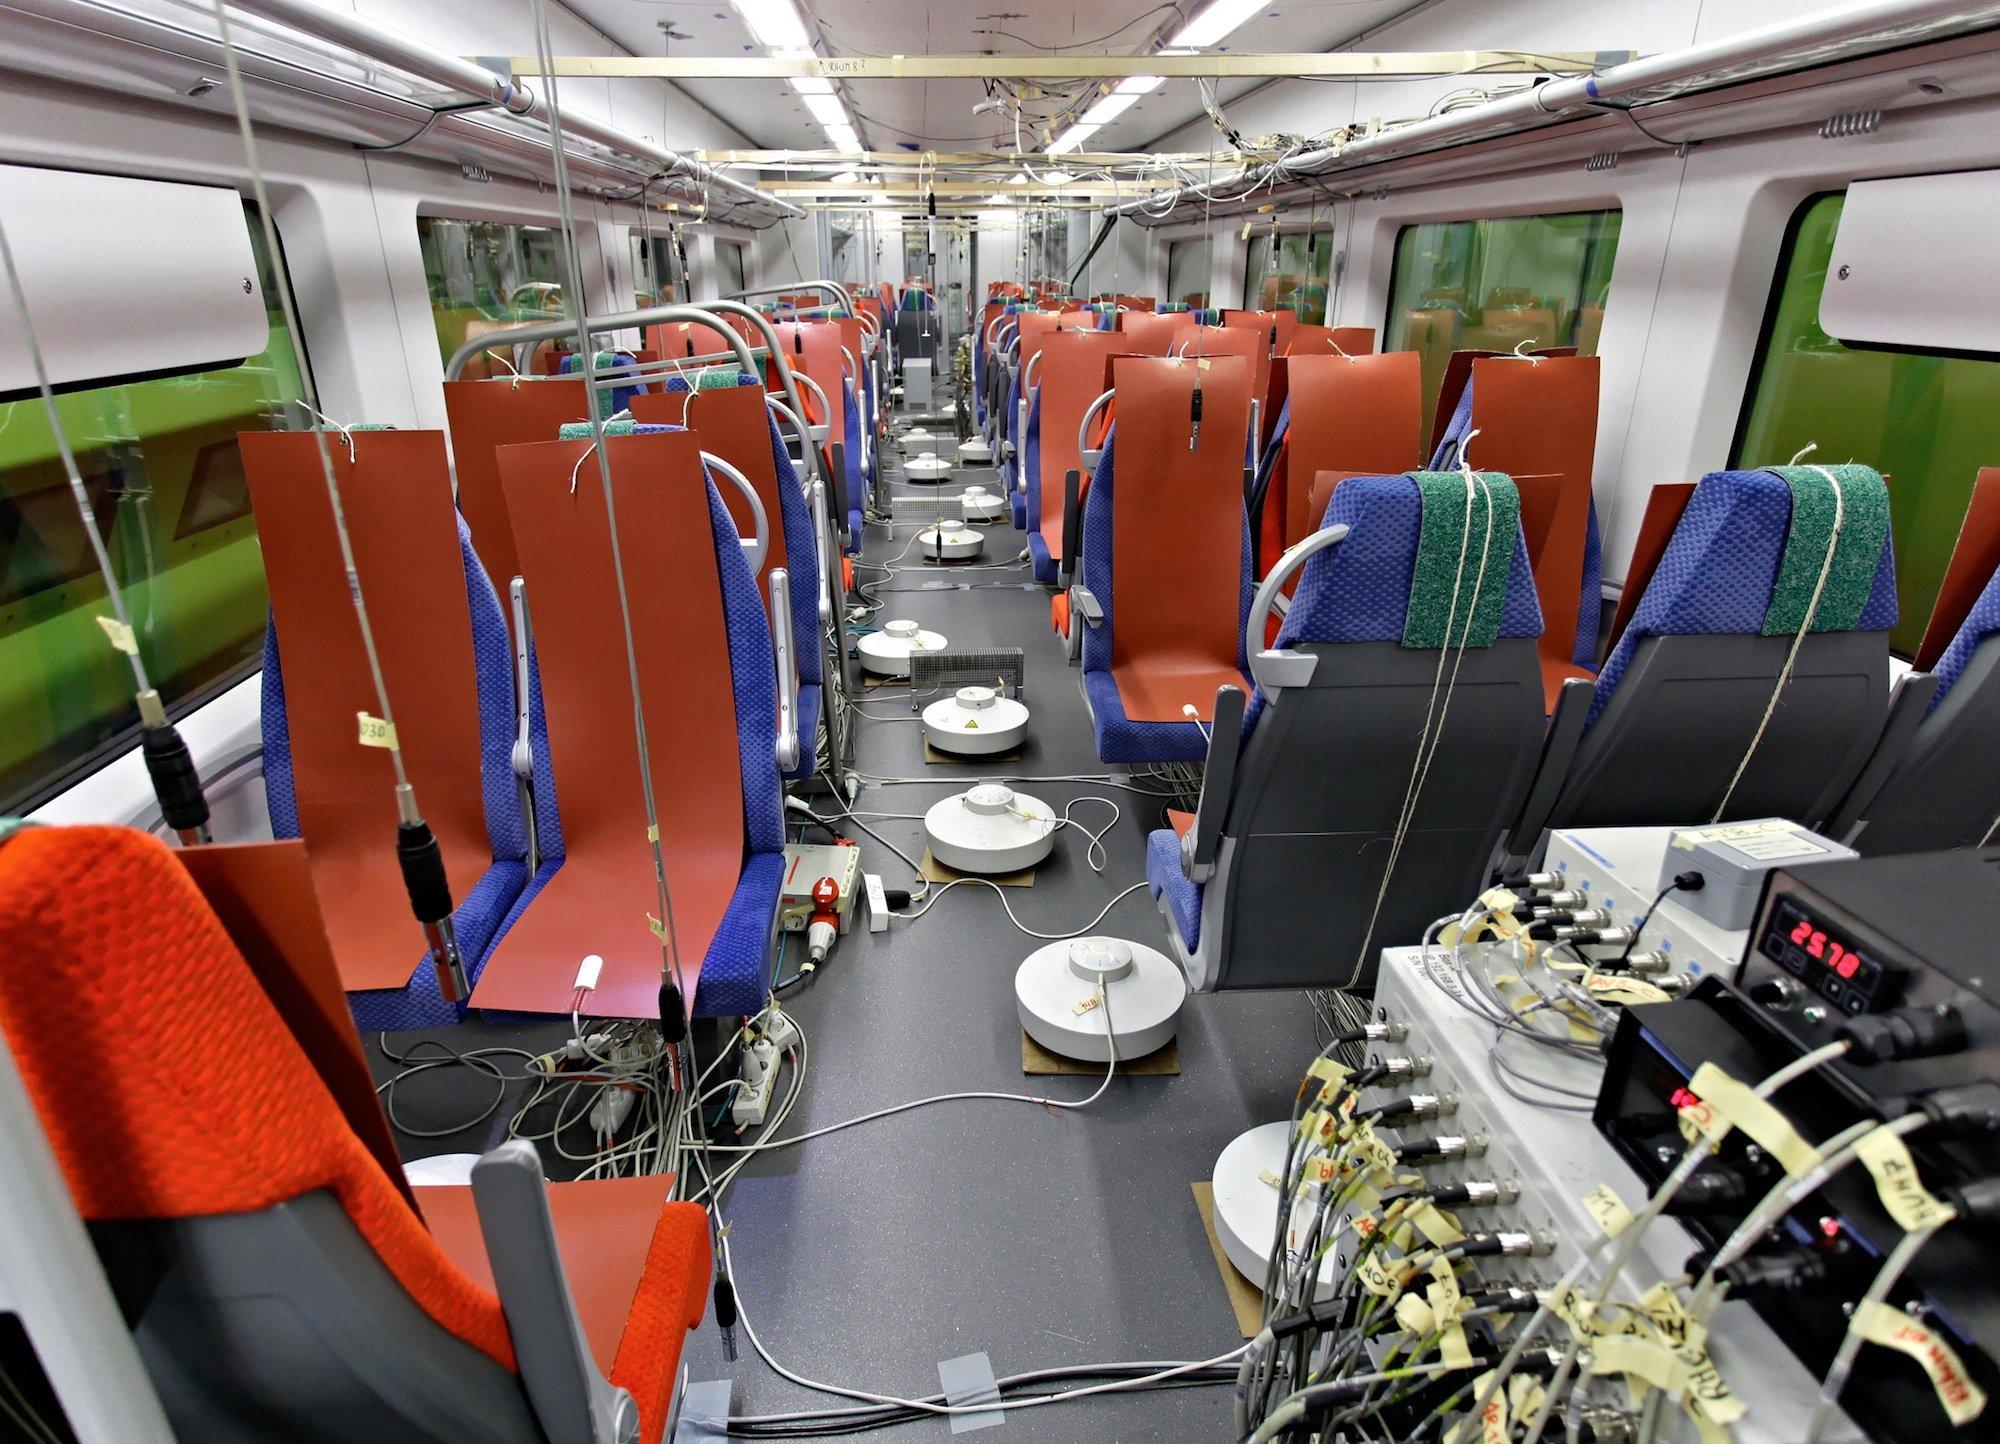 Die neue EcoTram von Siemens kühlt oder wärmt den Innenraum immer nur so viel wie nötig. Sind wenige Passagiere an Bord, wird die Klimatechnik runtergeregelt. Die Technik wurde in aufwändigen Tests überprüft und fortentwickelt.